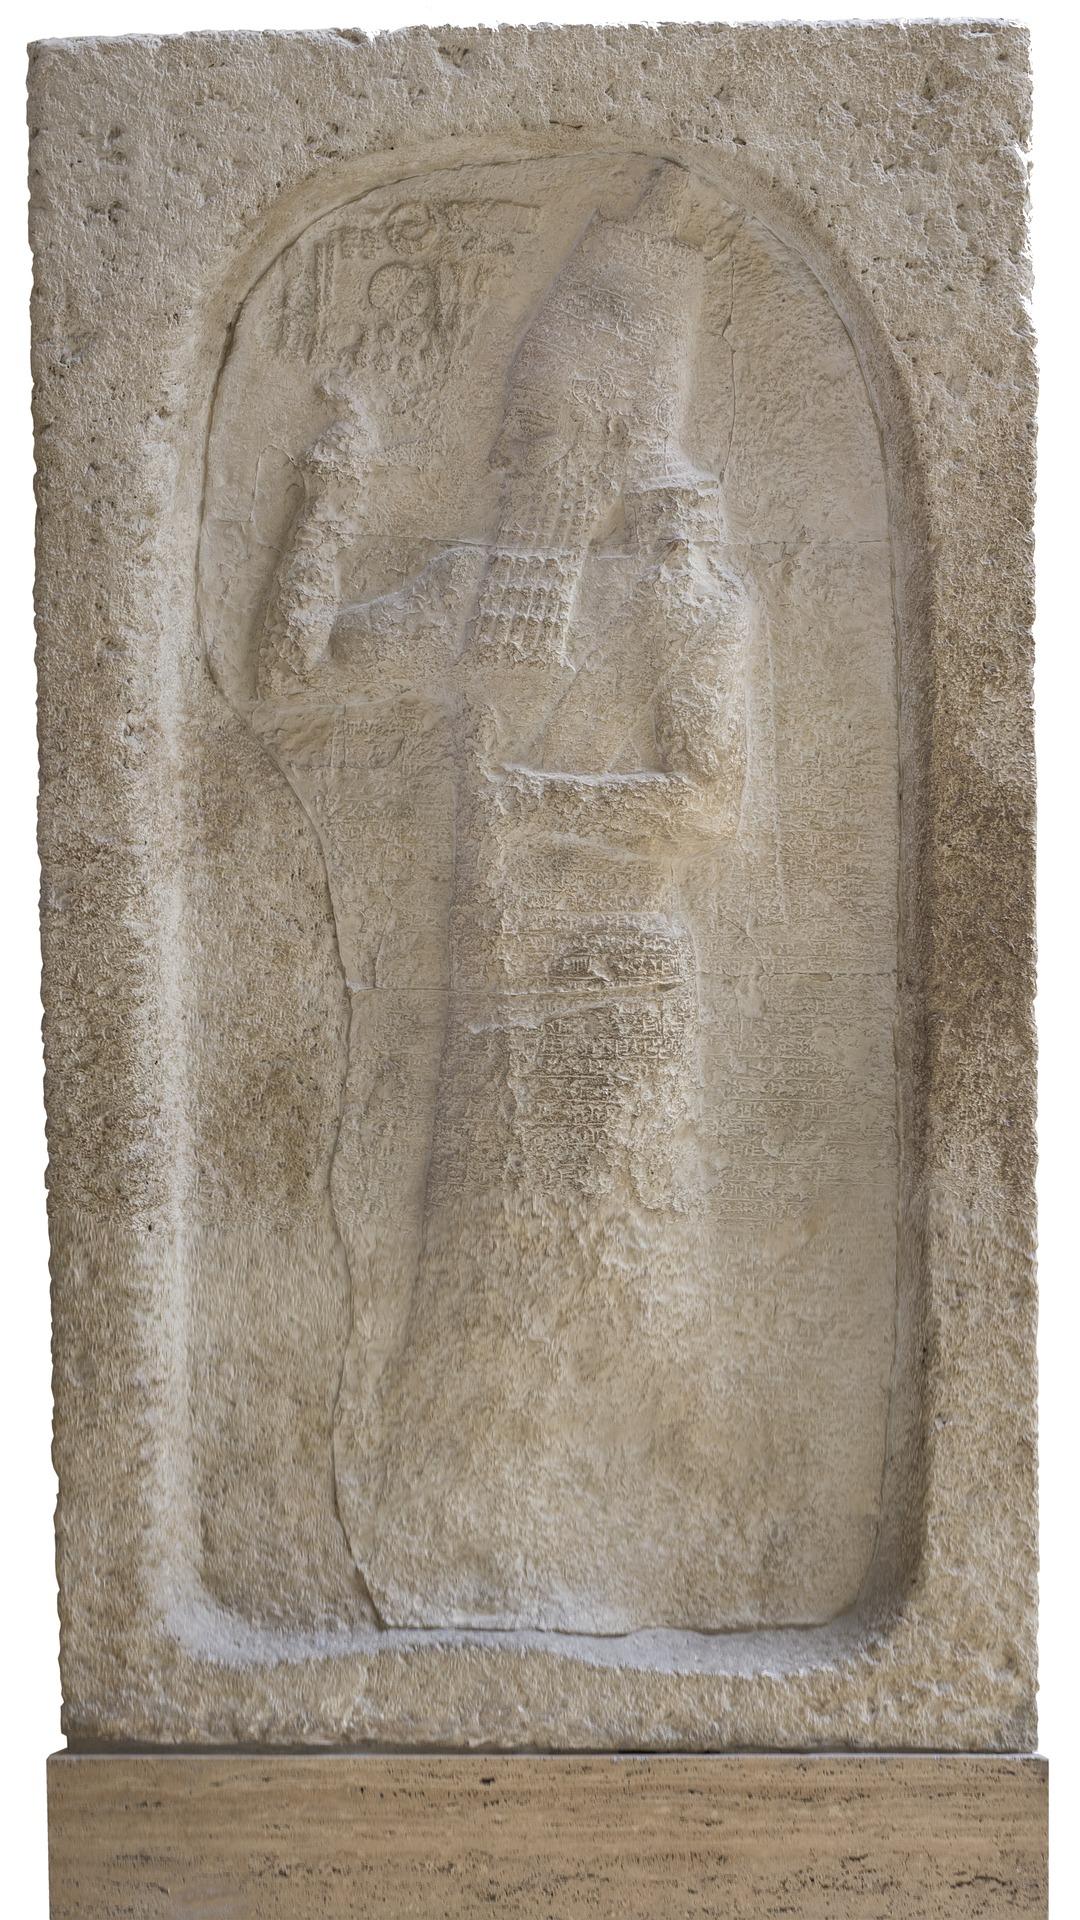 assarhadon-1475784_1920